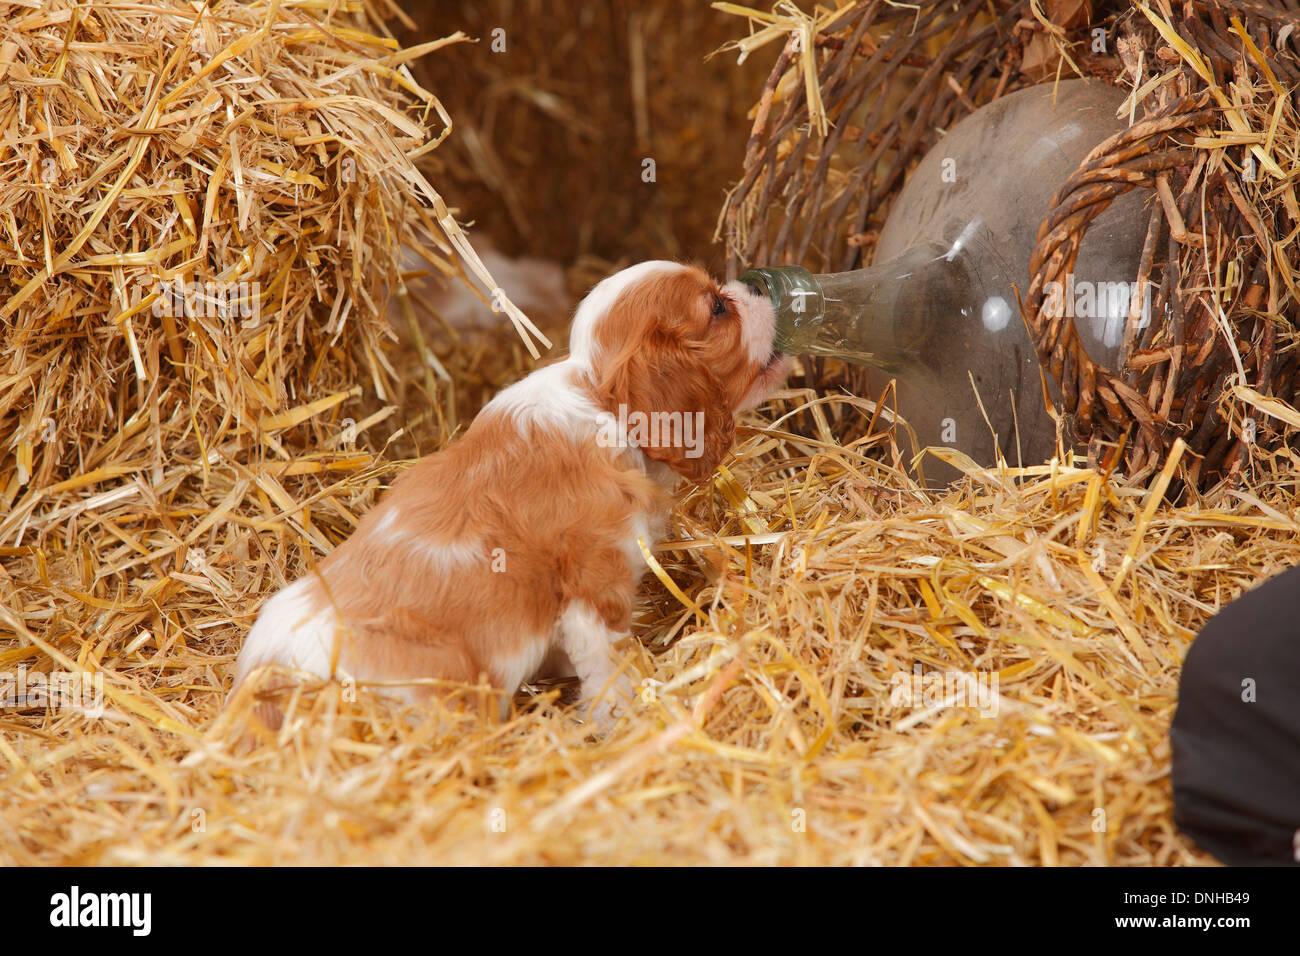 Cavalier King Charles Spaniel, puppy, blenheim, 8 weeks  Cavalier-King-Charles-Spaniel, Welpe, Blenheim, 8 Wochen - Stock Image